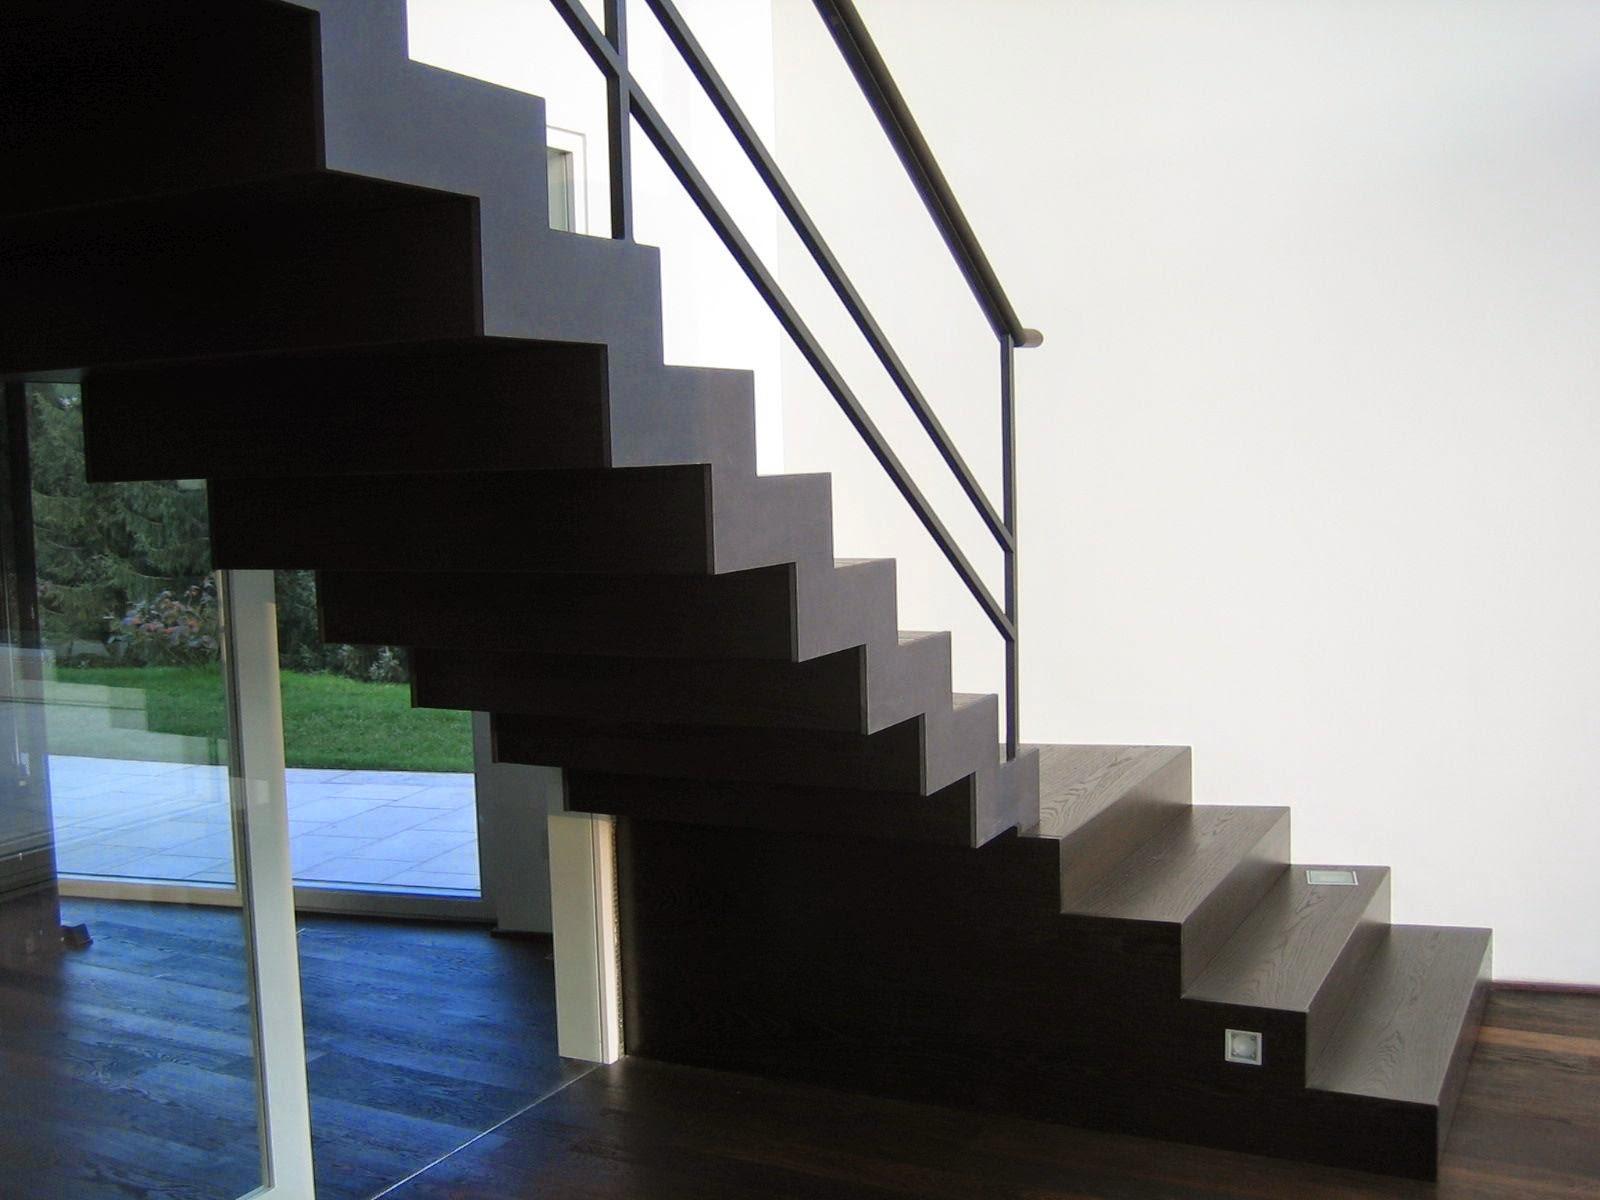 stahltreppe mit abgetreppten wangen fr bel metallbau. Black Bedroom Furniture Sets. Home Design Ideas